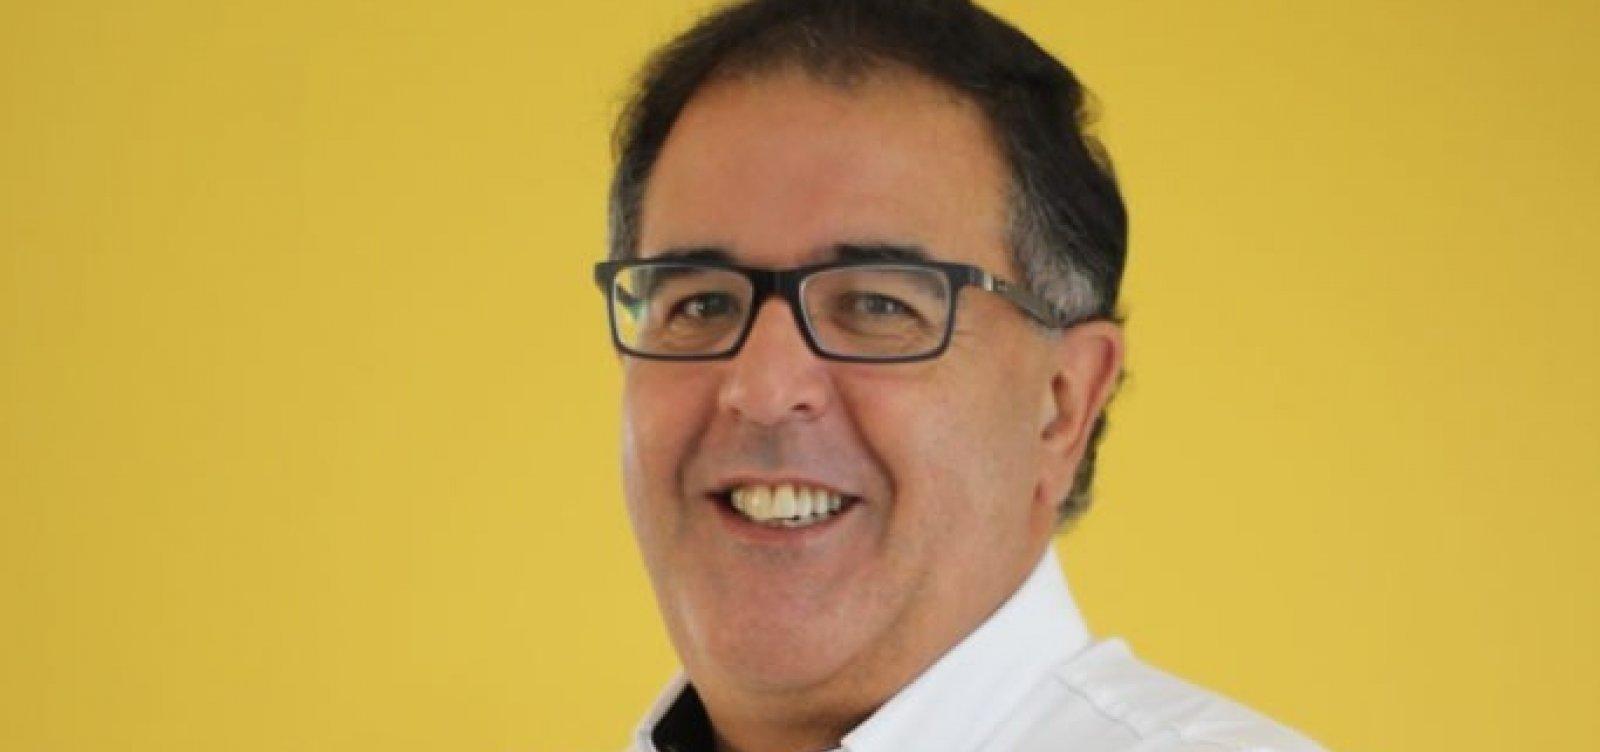 Especialista em trânsito diz que mudanças de Bolsonaro em legislação 'premiam o infrator'